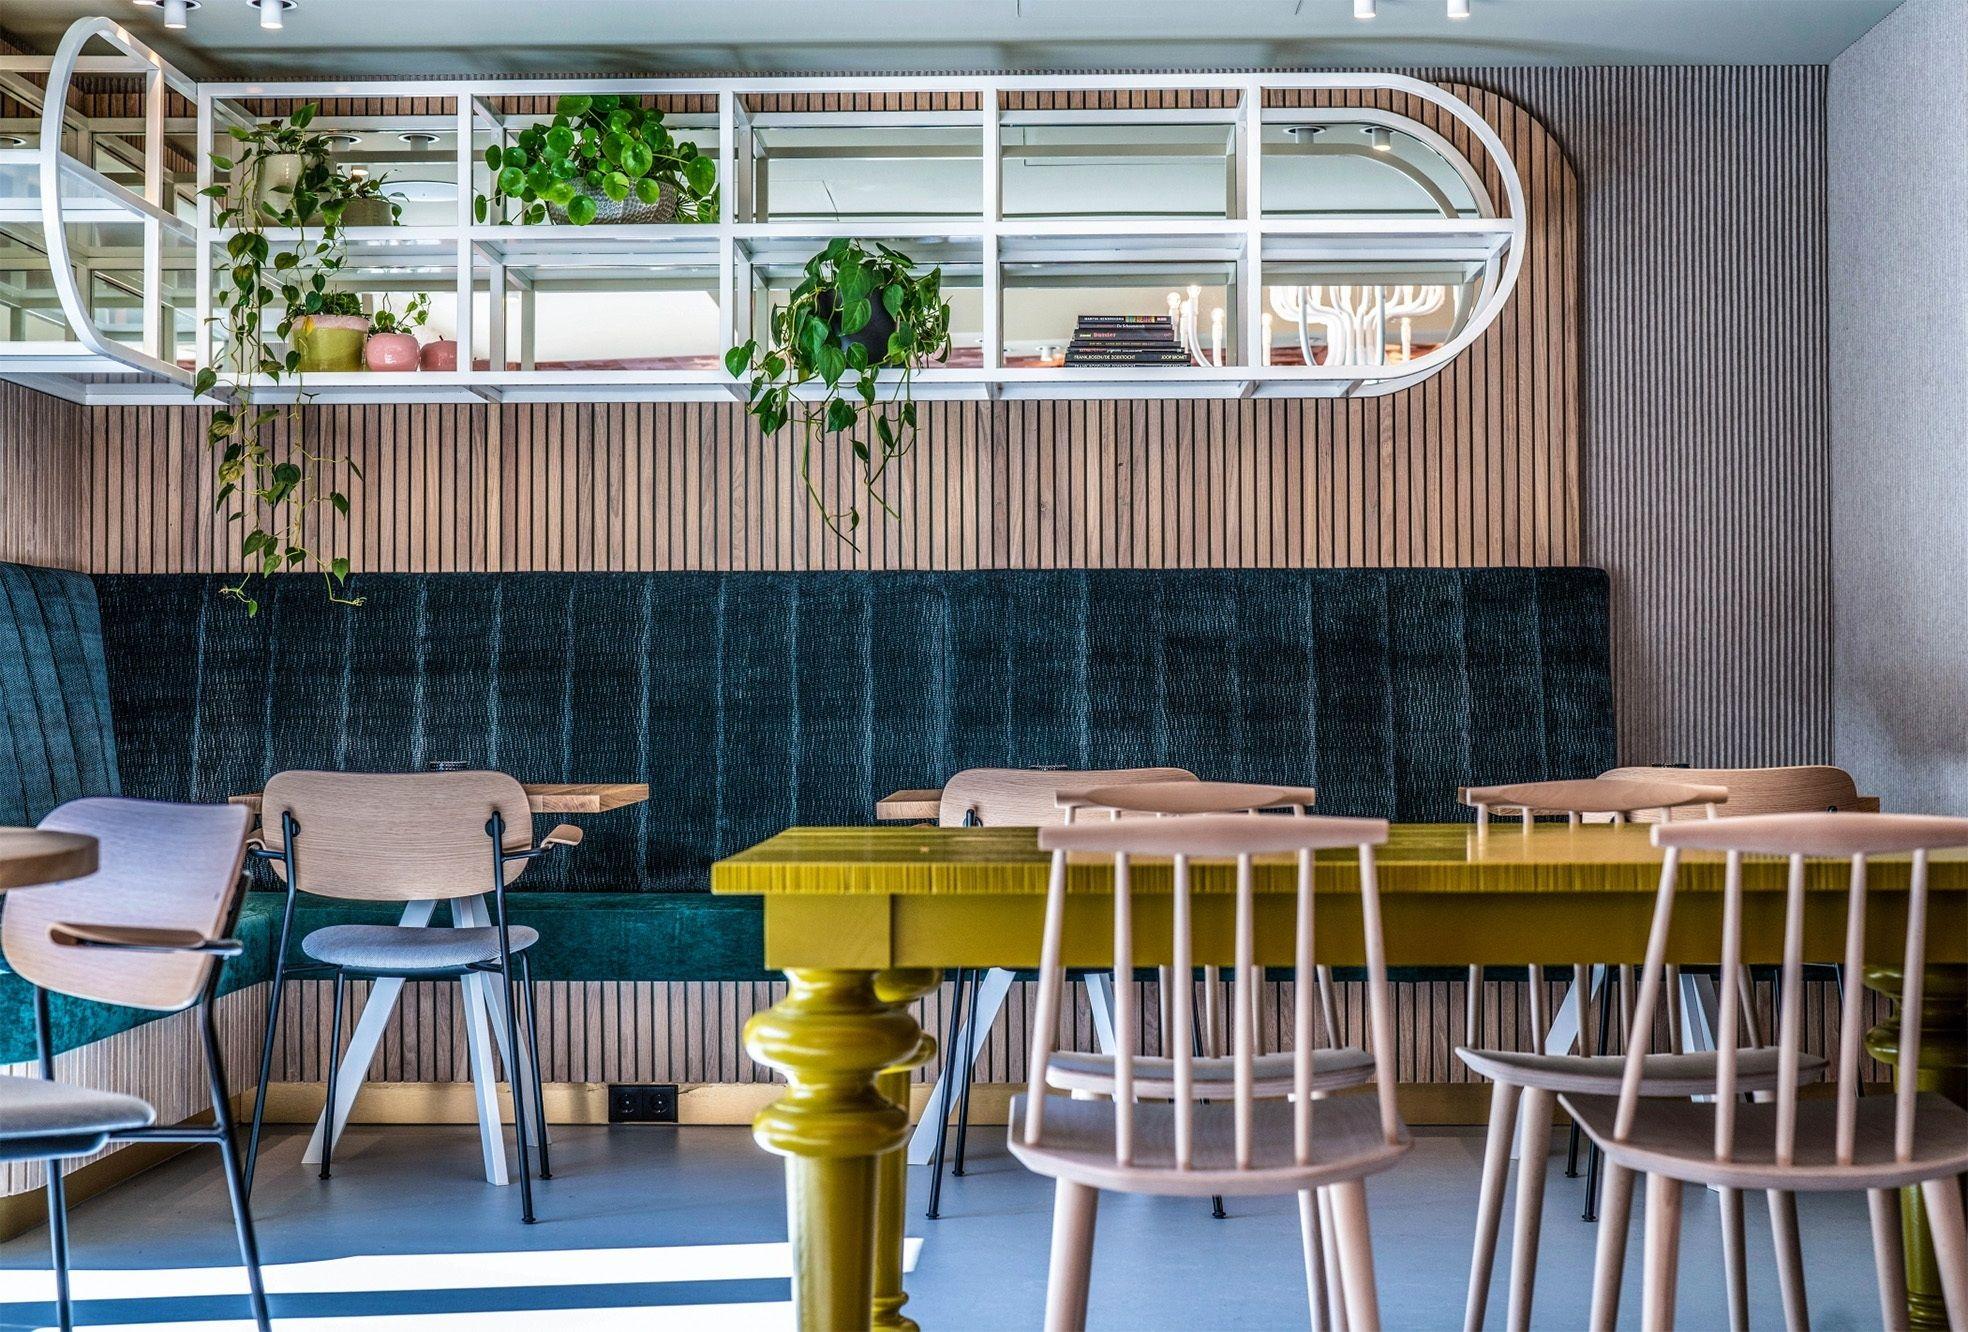 Brasserie interieur blooming